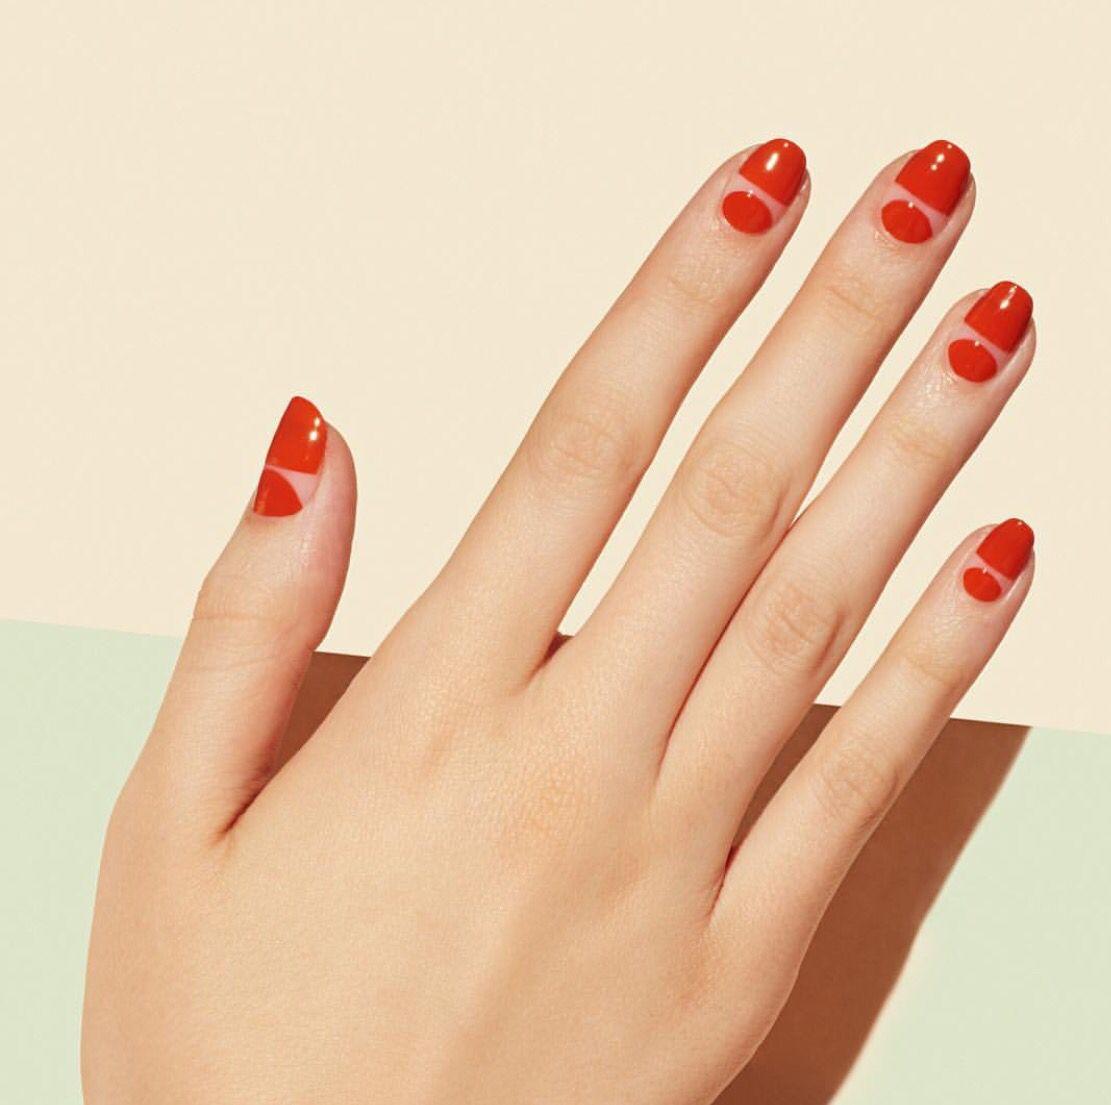 Pin by I A P P Y* on C L A W S | Pinterest | Nail inspo, Cosmetology ...